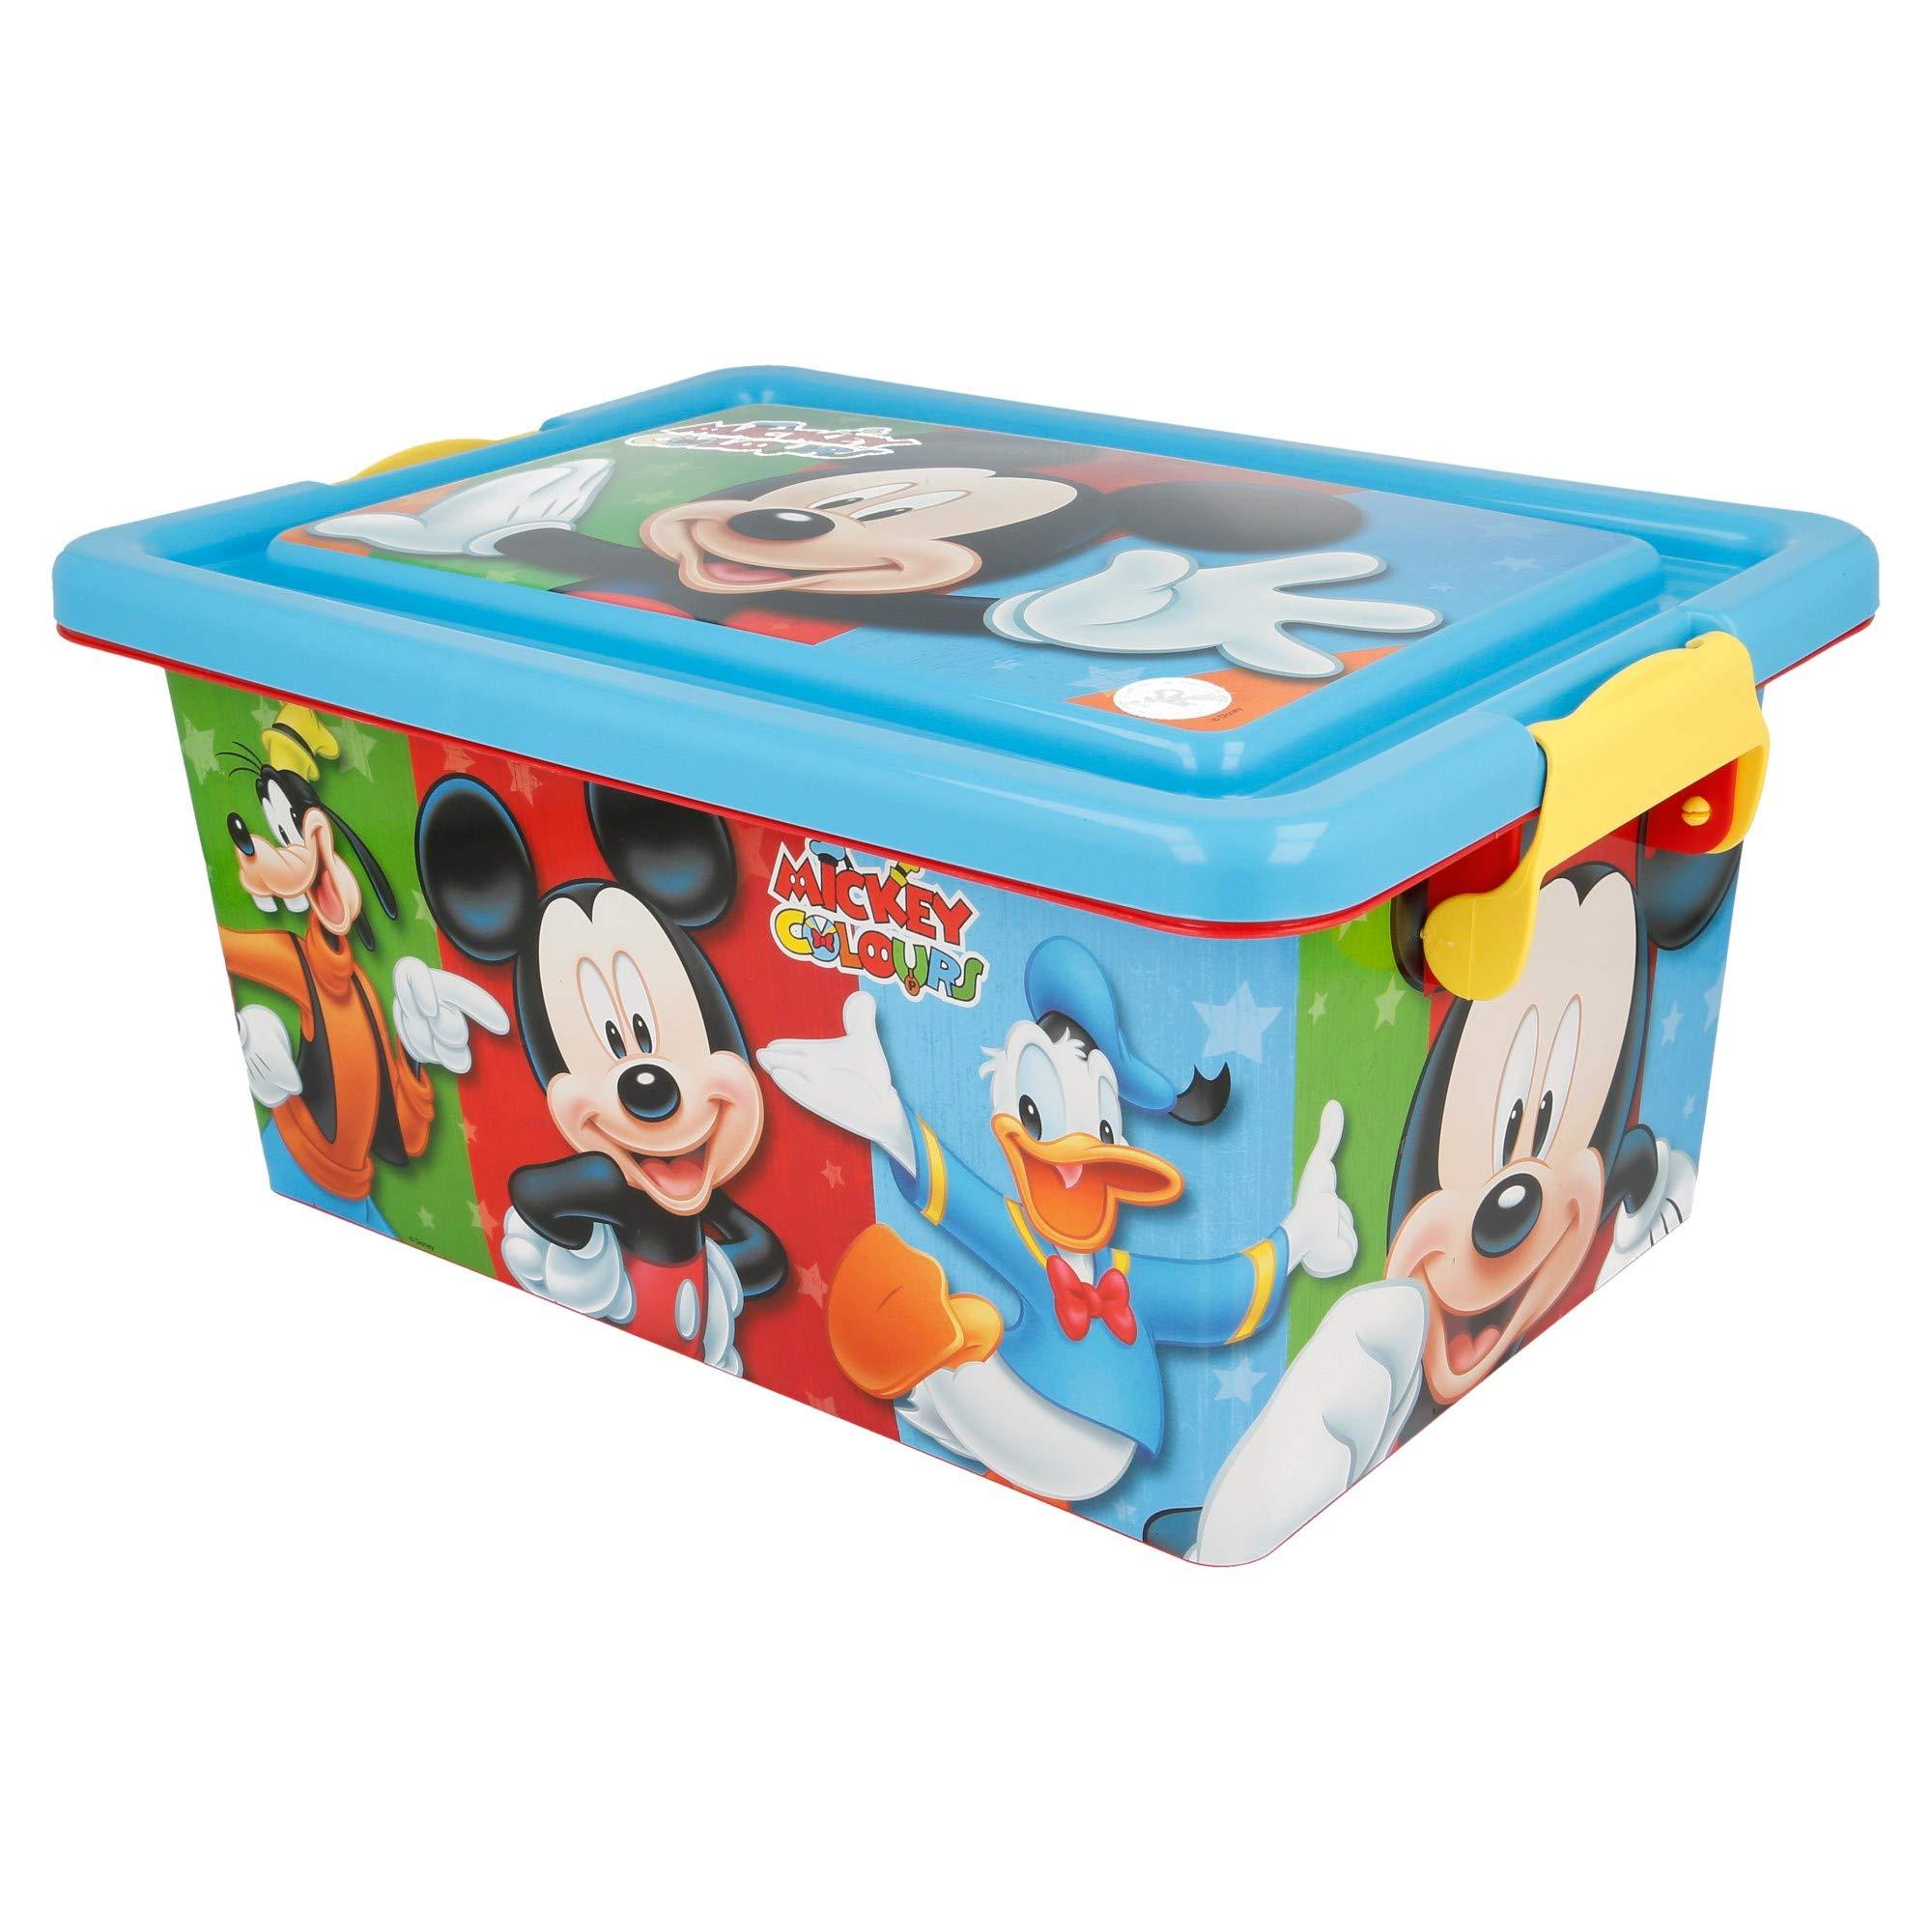 Mickey Mouse Contenedor 7 litros con Tapa y Cierres, Caja organizadora (STOR 04484): Amazon.es: Juguetes y juegos